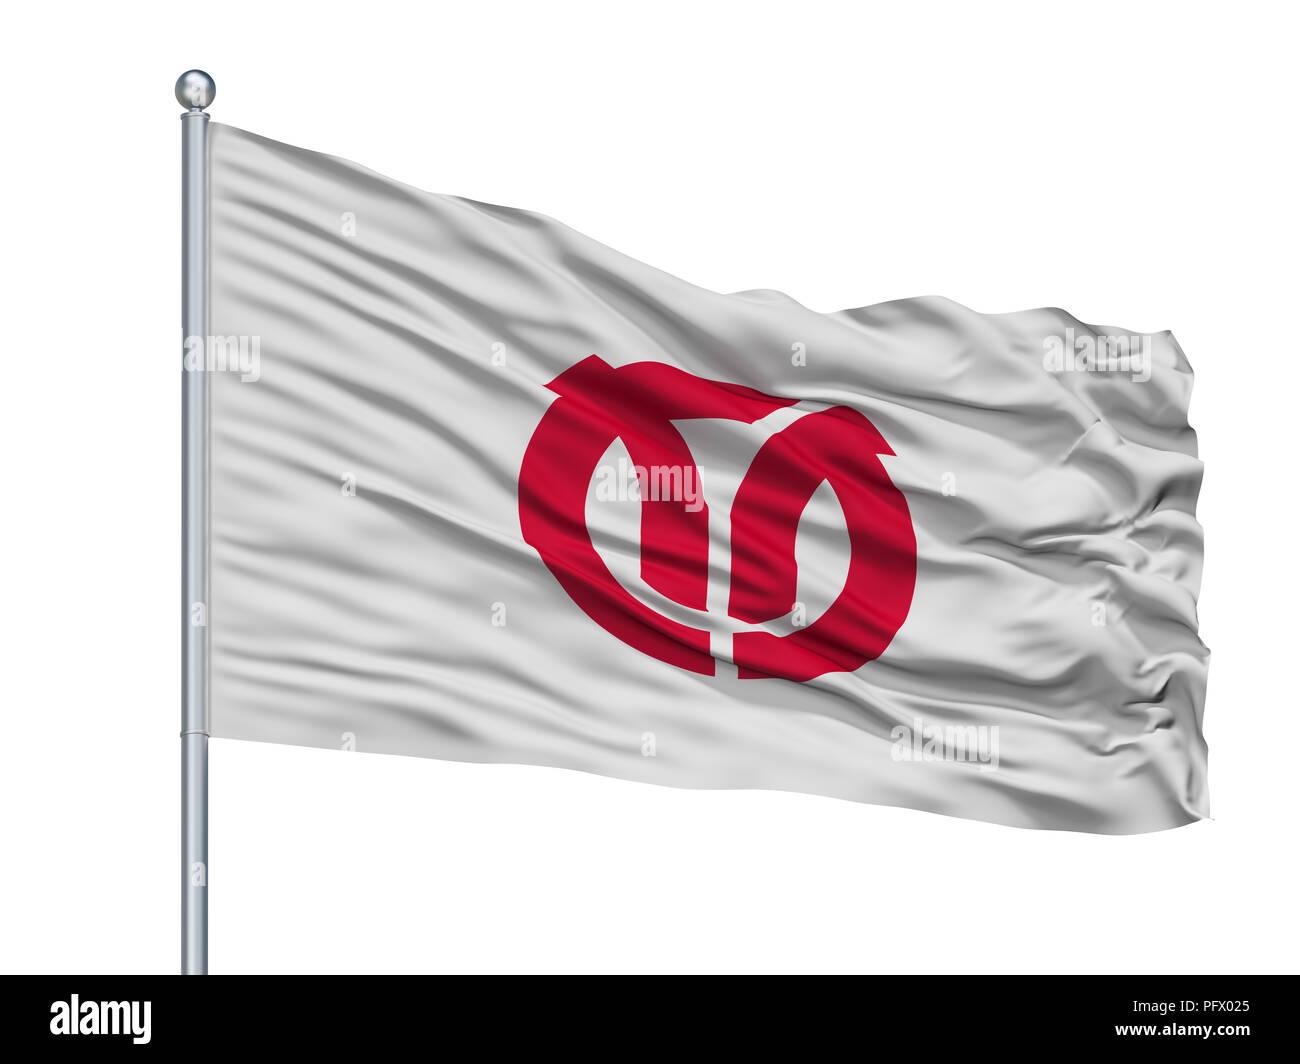 Isehara City Flag On Flagpole, Japan, Kanagawa Prefecture, Isolated On White Background - Stock Image